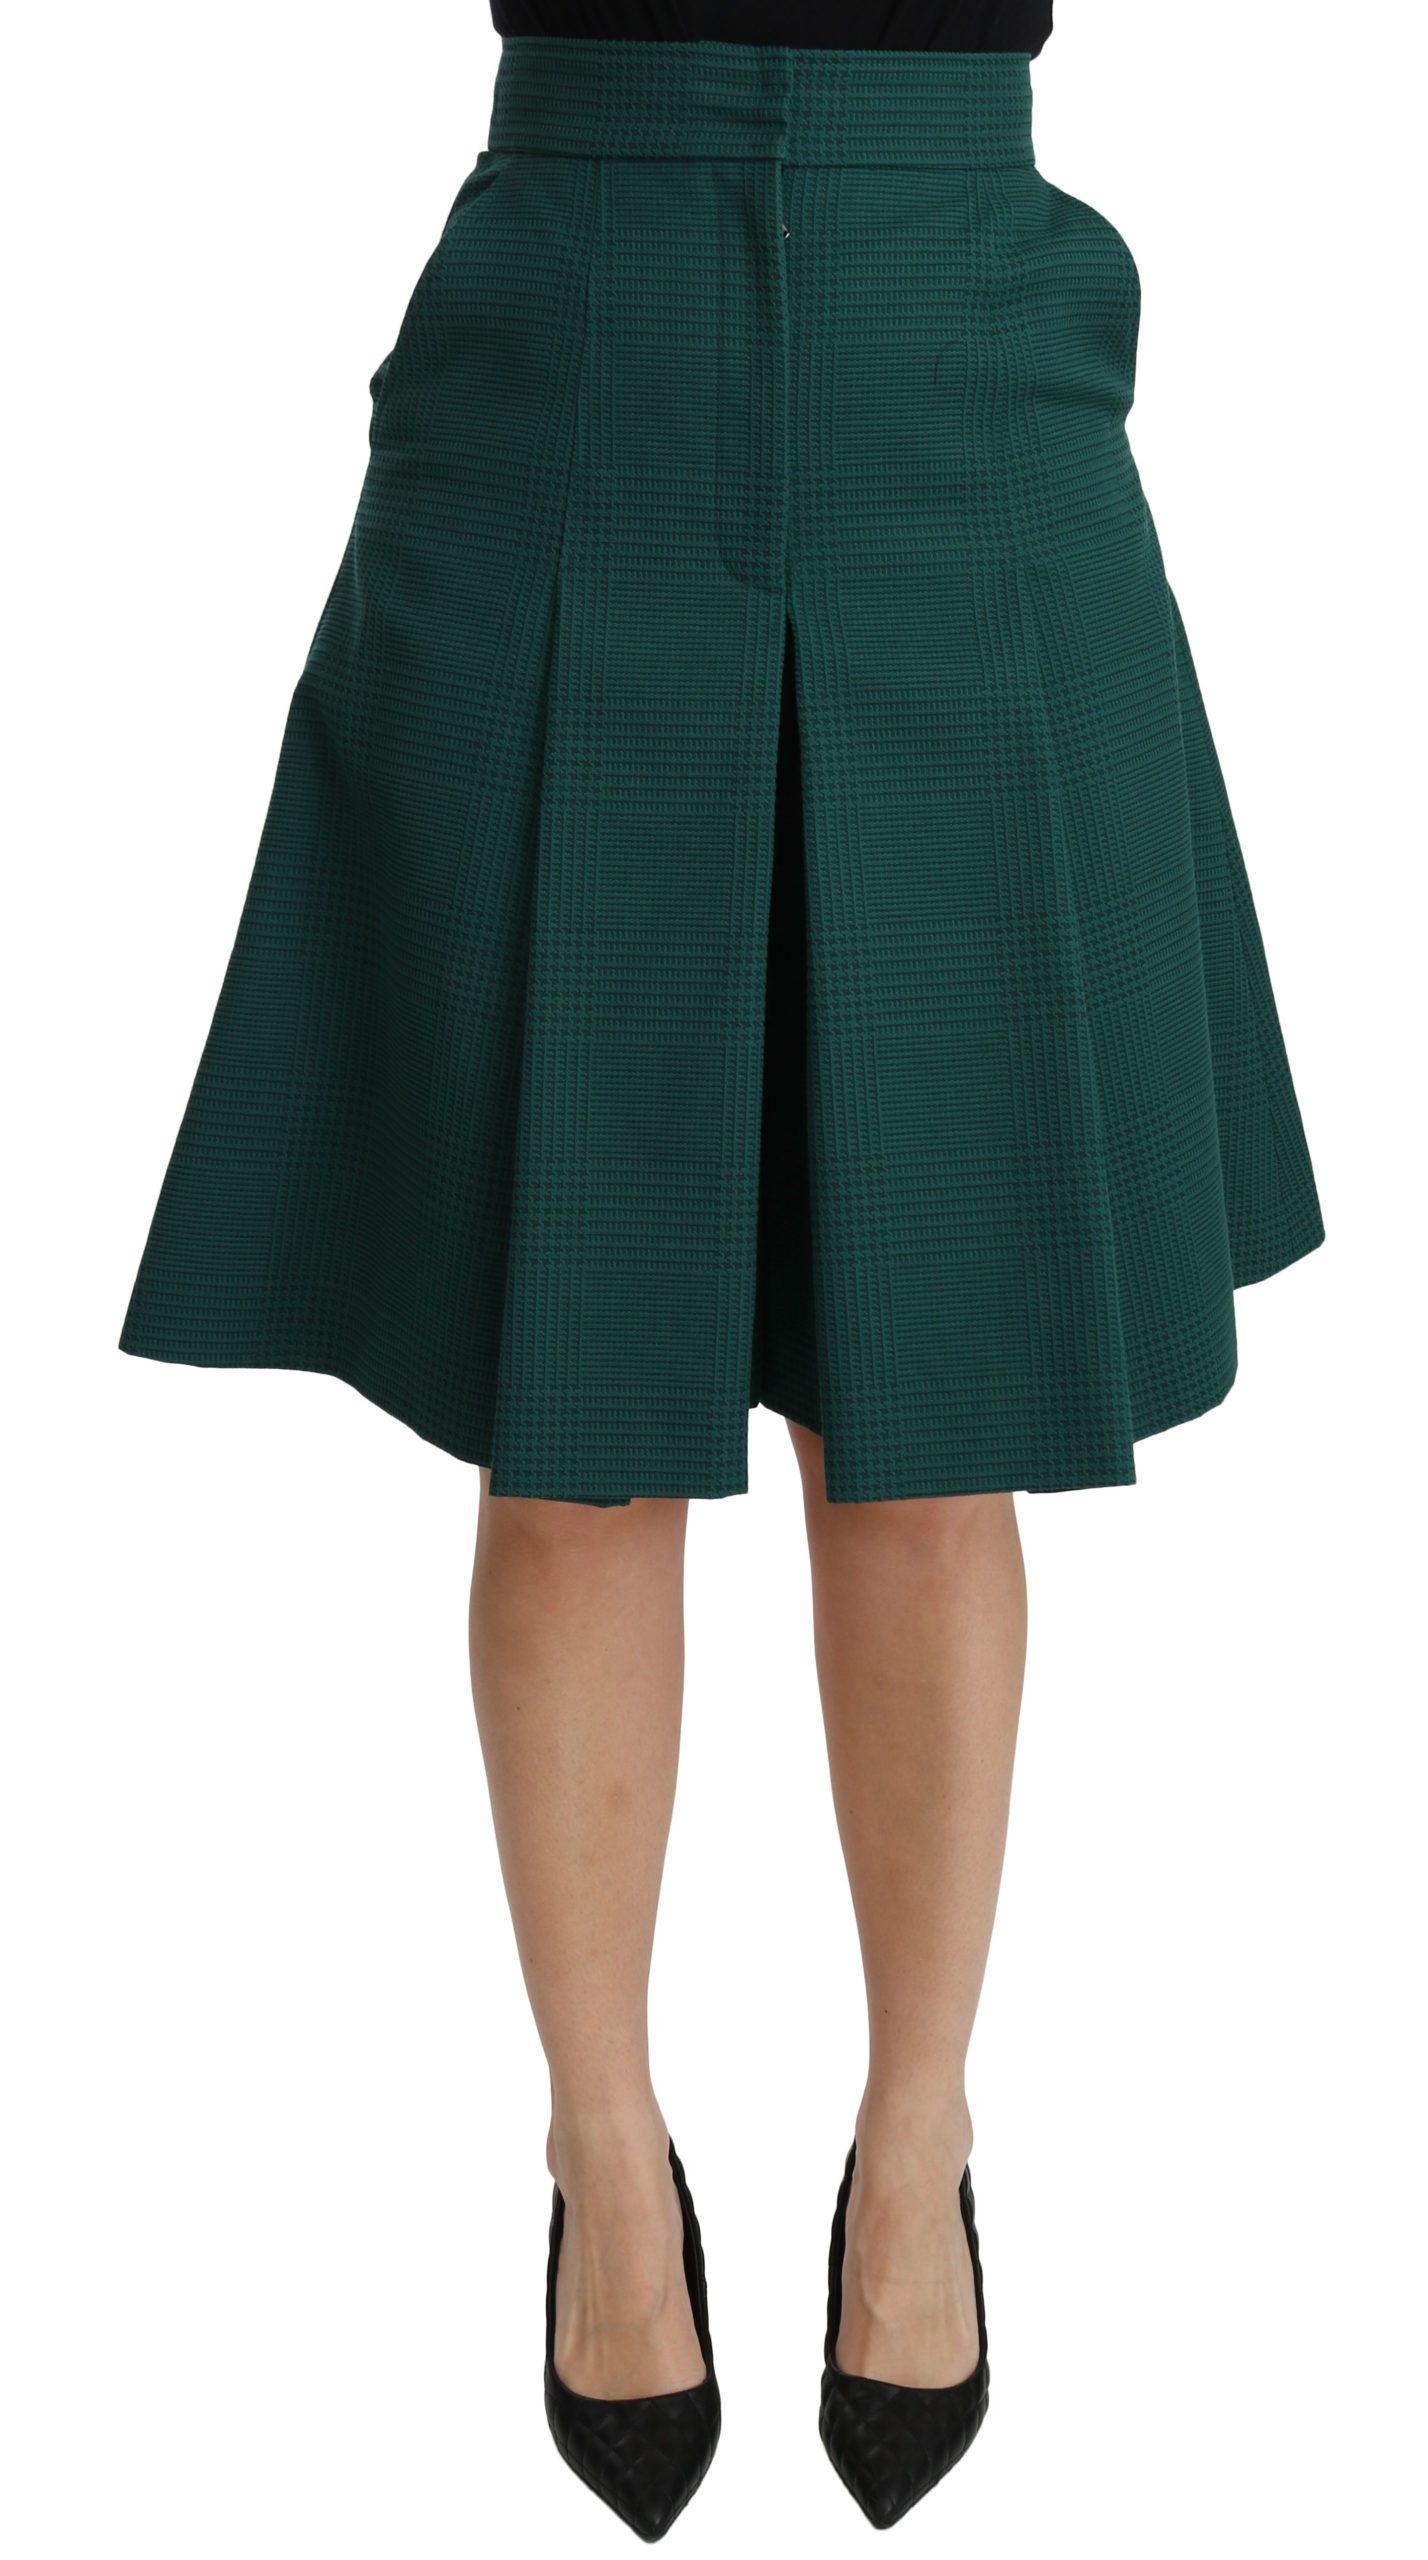 Dolce & Gabbana Women's Pleated A-line High Waist Cotton Skirt Green SKI1376 - IT40 S